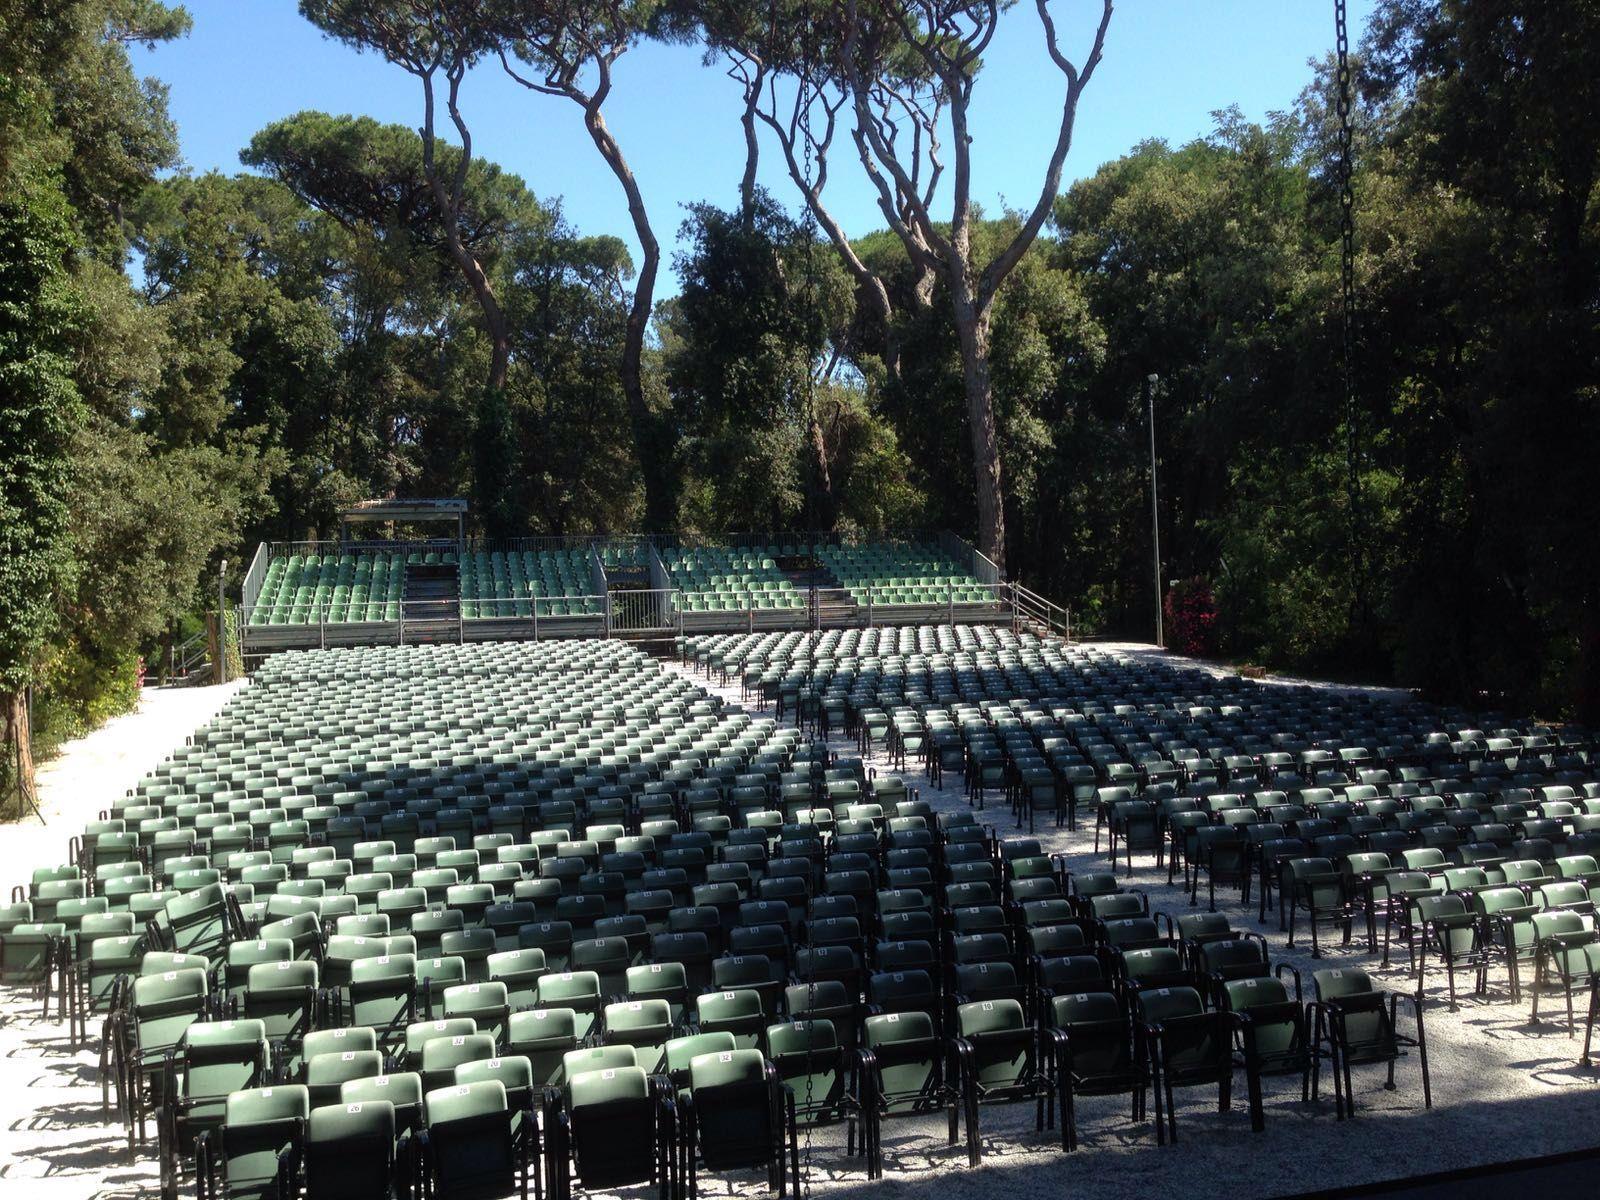 """La platea del Teatro ricavato all'interno del Parco della Versiliana (1600 posti). La nostra nuova edizione de """"Il Berretto a Sonagli"""" debutta il 13 luglio 2016.  #Teatro #TeatroIndipendente ##IlBerrettoaSonagli #LuigiPirandello #SebaastianoLoMonaco"""